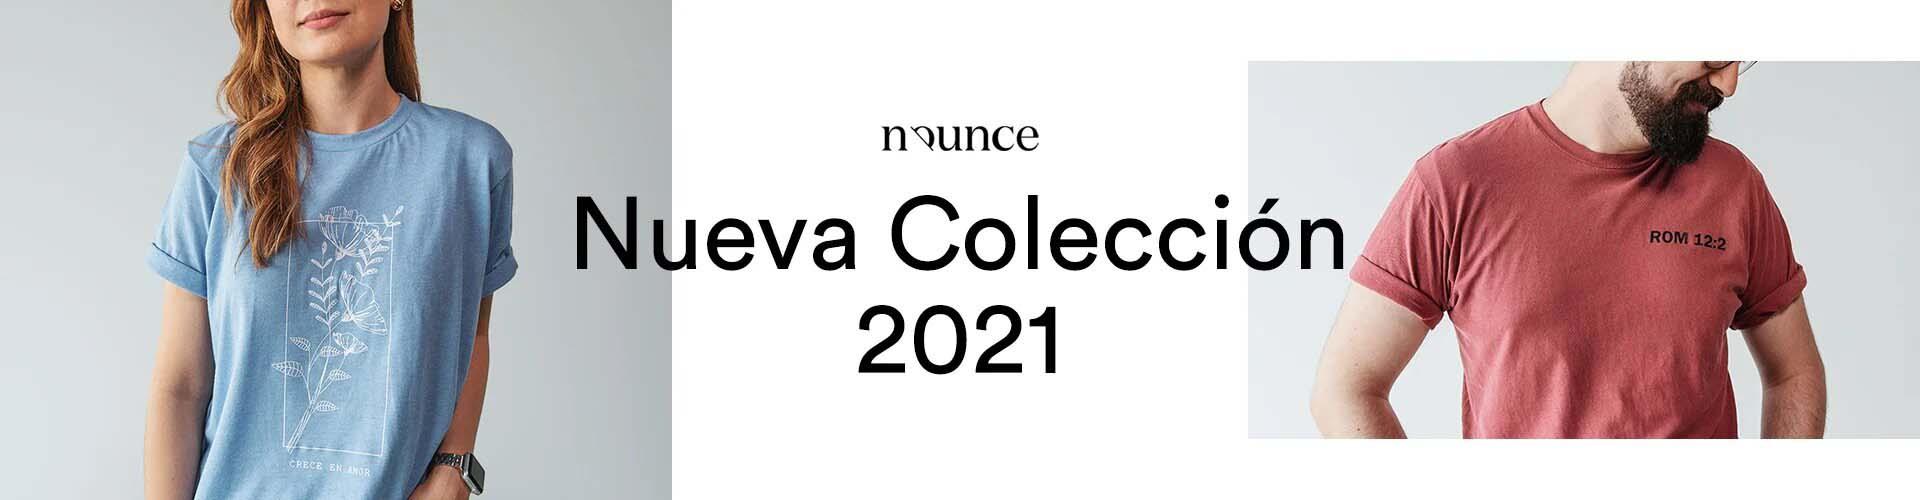 Banner-Abril-2021